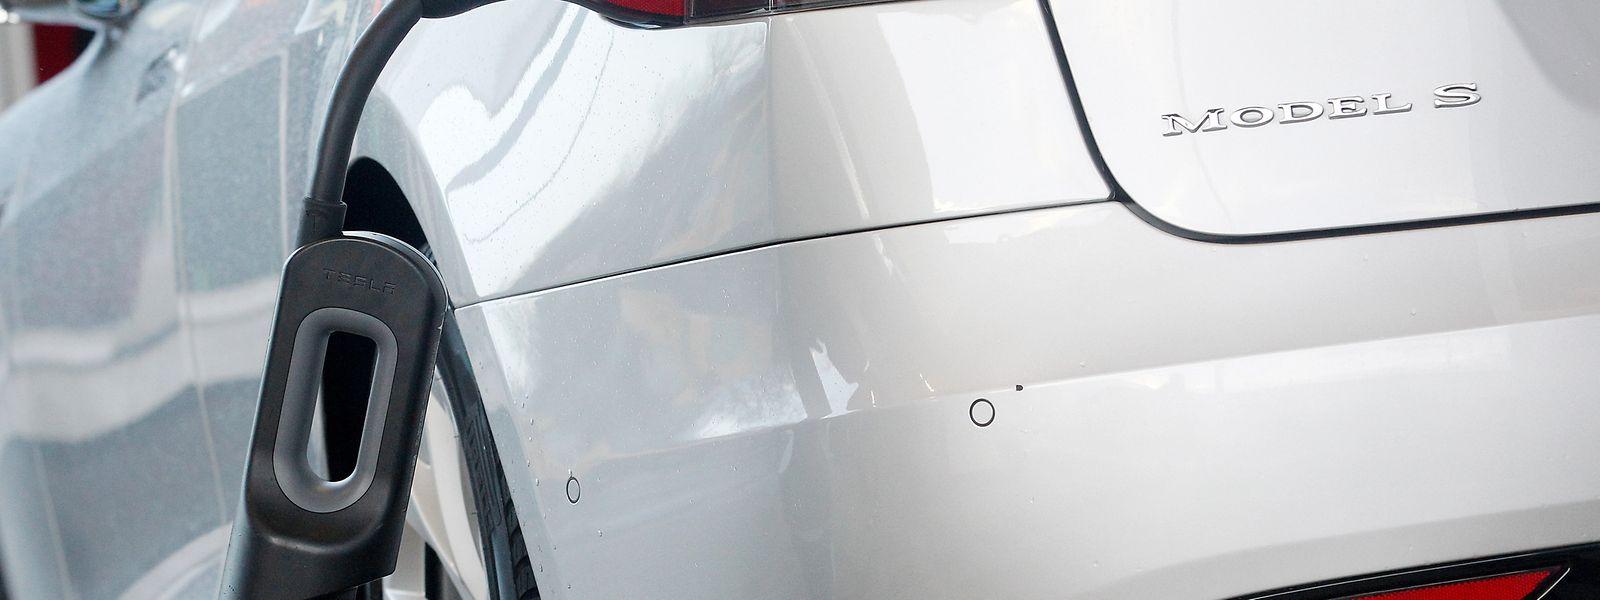 Ein Tesla Model S während des Ladevorgangs: Der Hersteller brachte Ende 2018 weniger Elektroautos an die Kundschaft als erwartet.